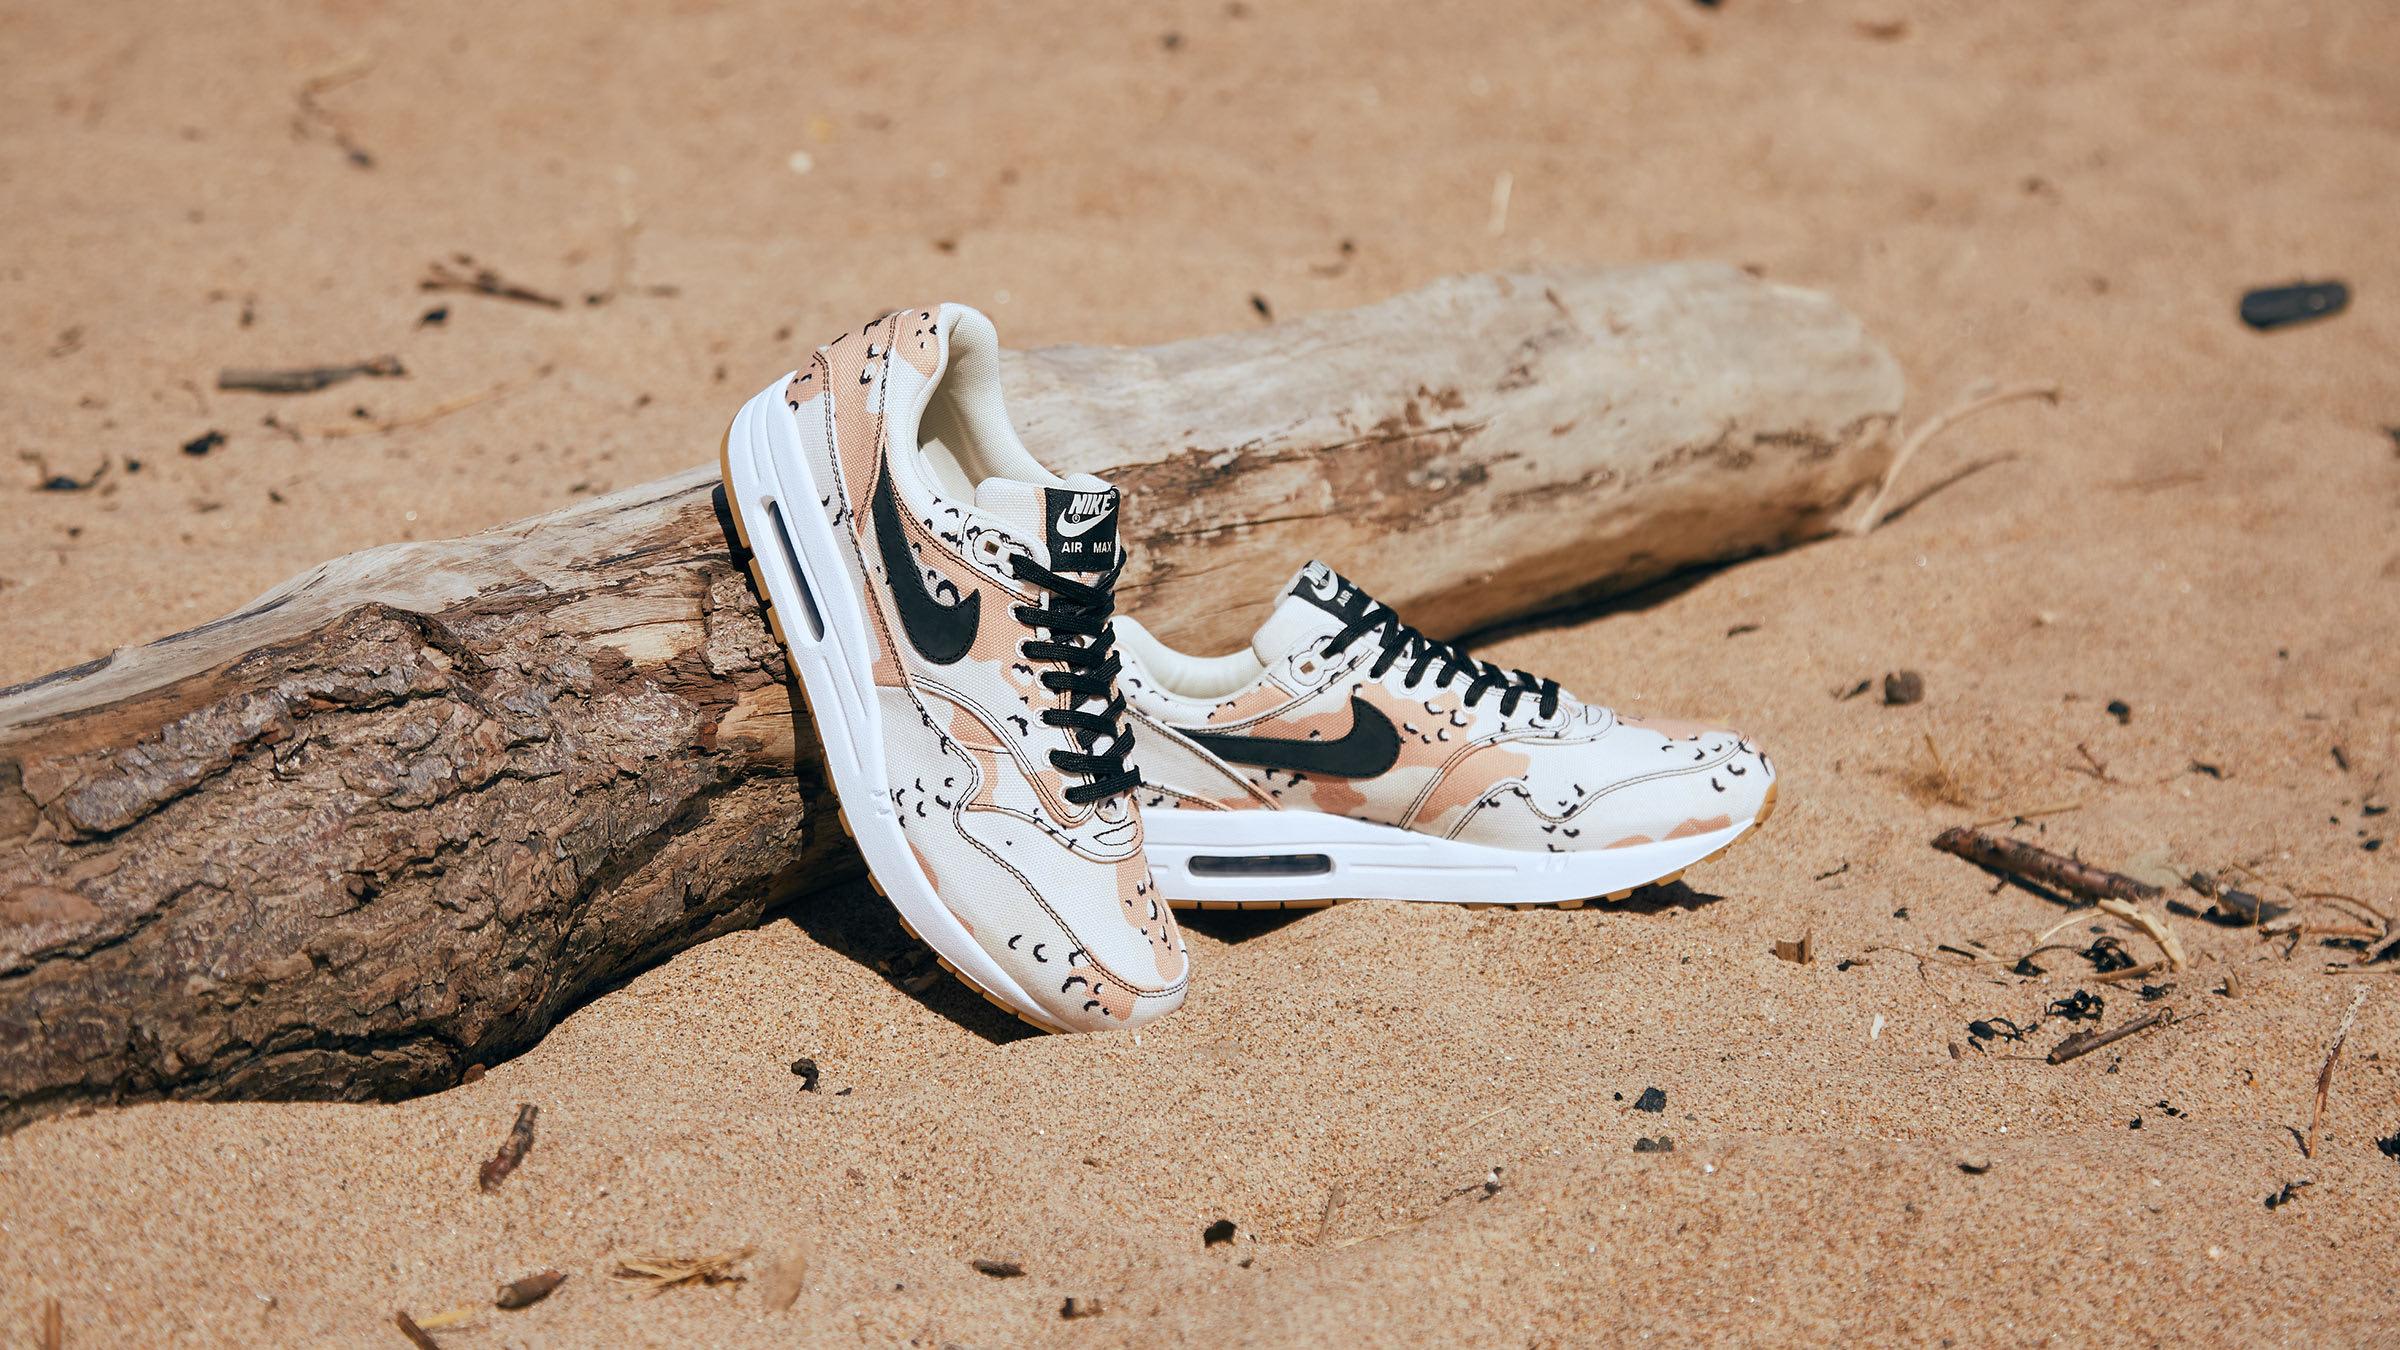 Air Max 1 Premium Sneakers, Desert Camo